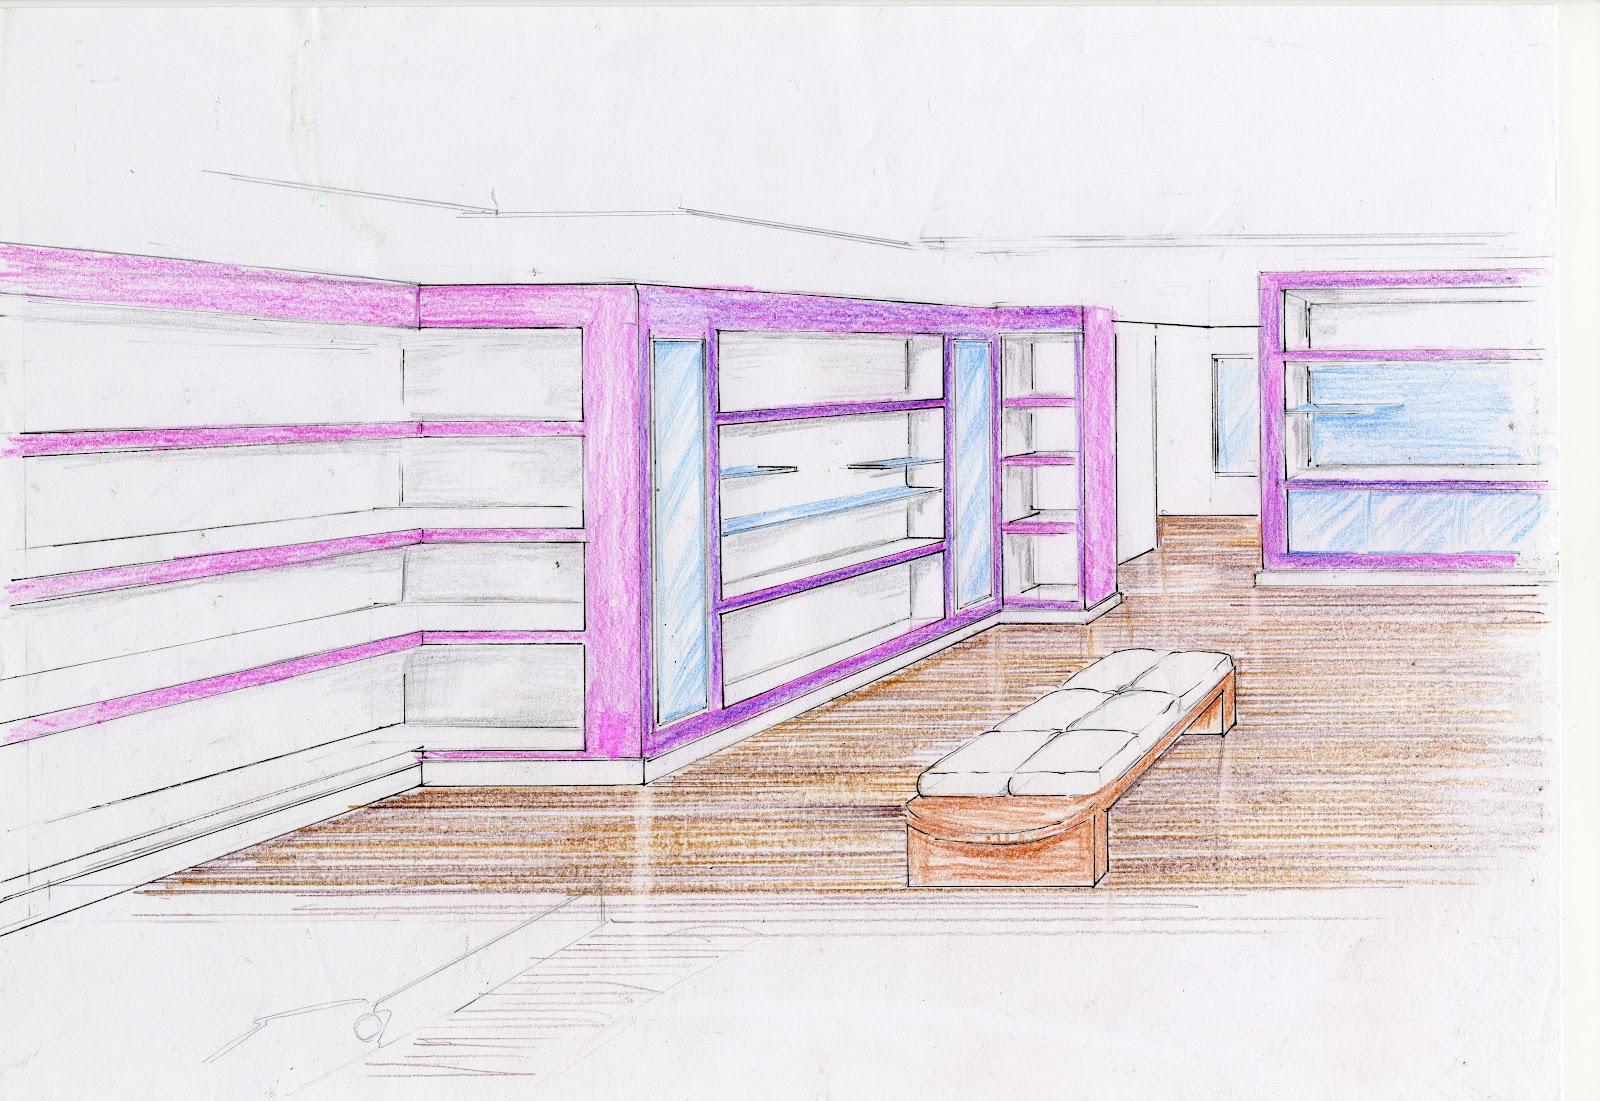 Interiorismo y decoracion lola torga asesoramiento decorativo para una tienda local de negocio - Boceto interiorismo ...